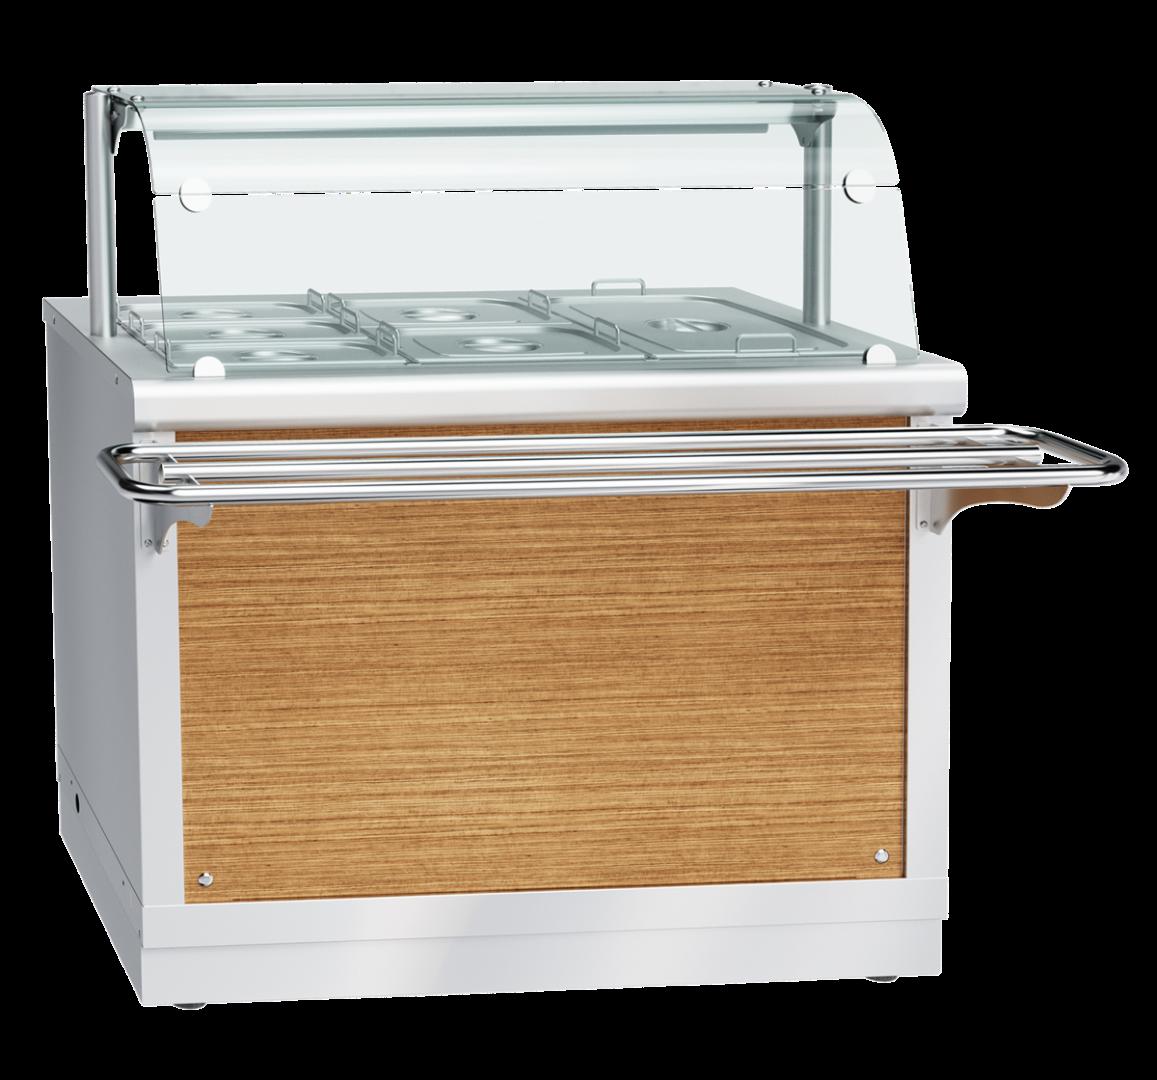 Электрический мармит кухонный Abat ЭМК-70Х